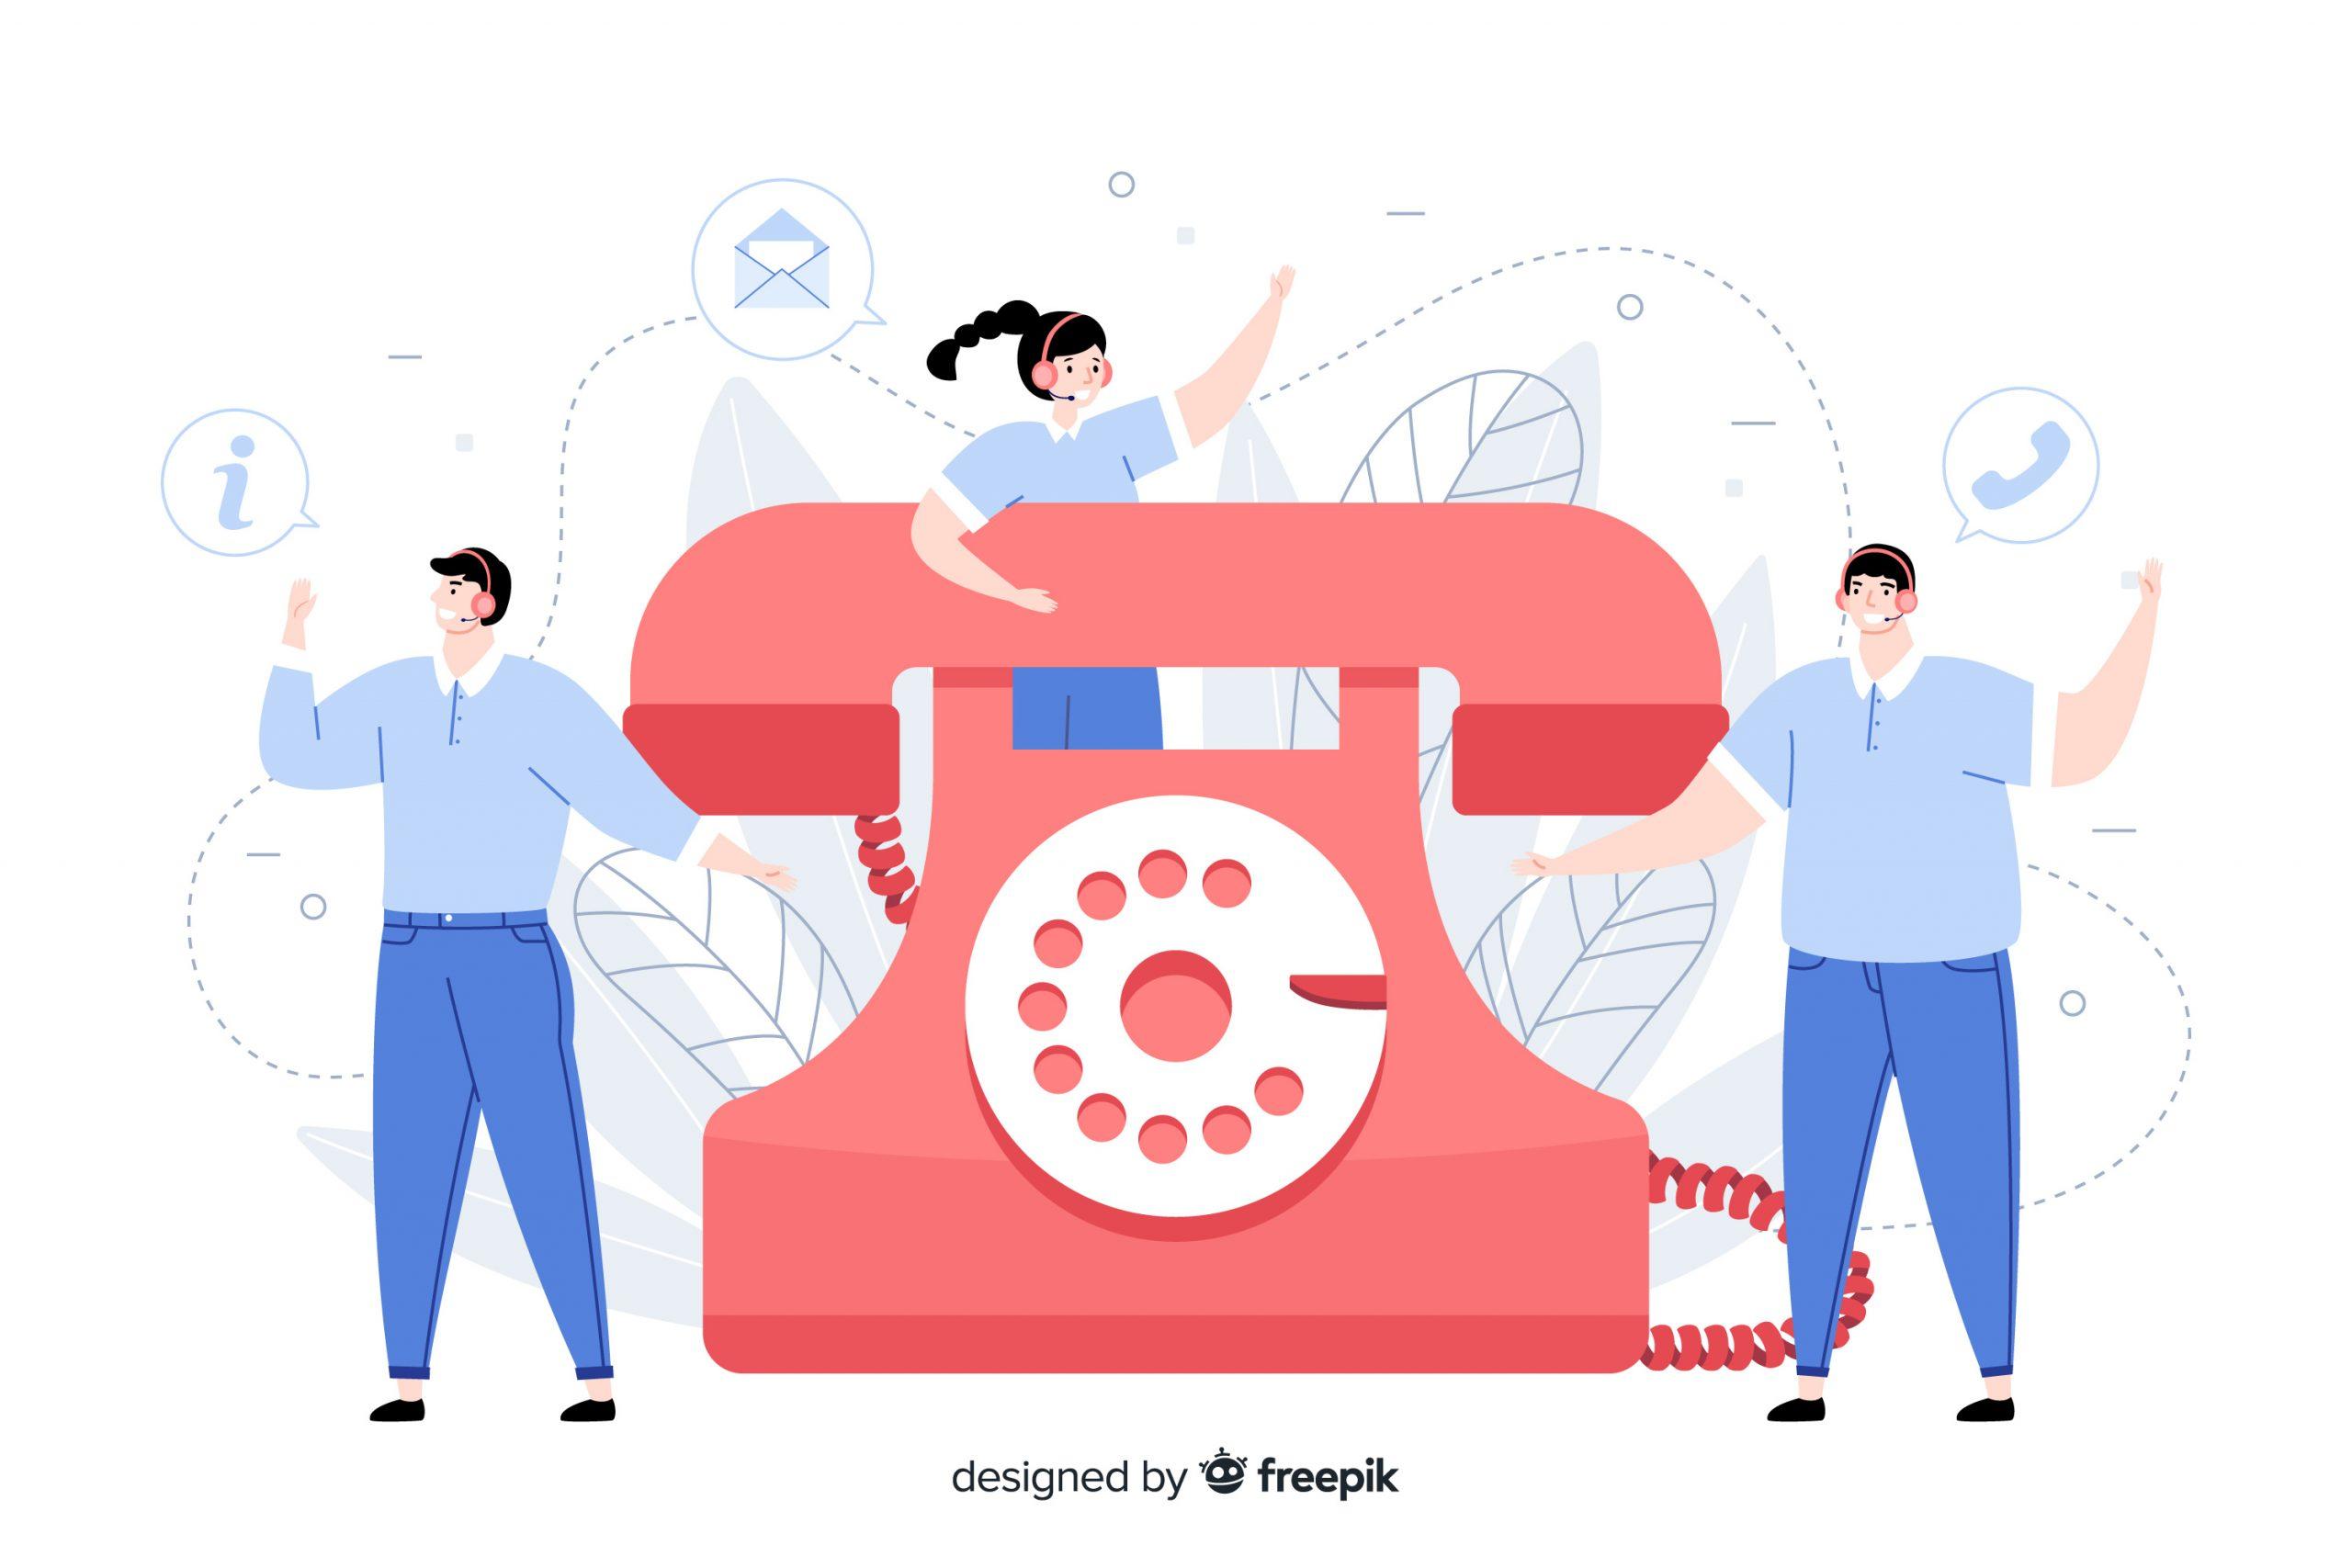 דוגמאות לקריינות מקצועית לטלפון